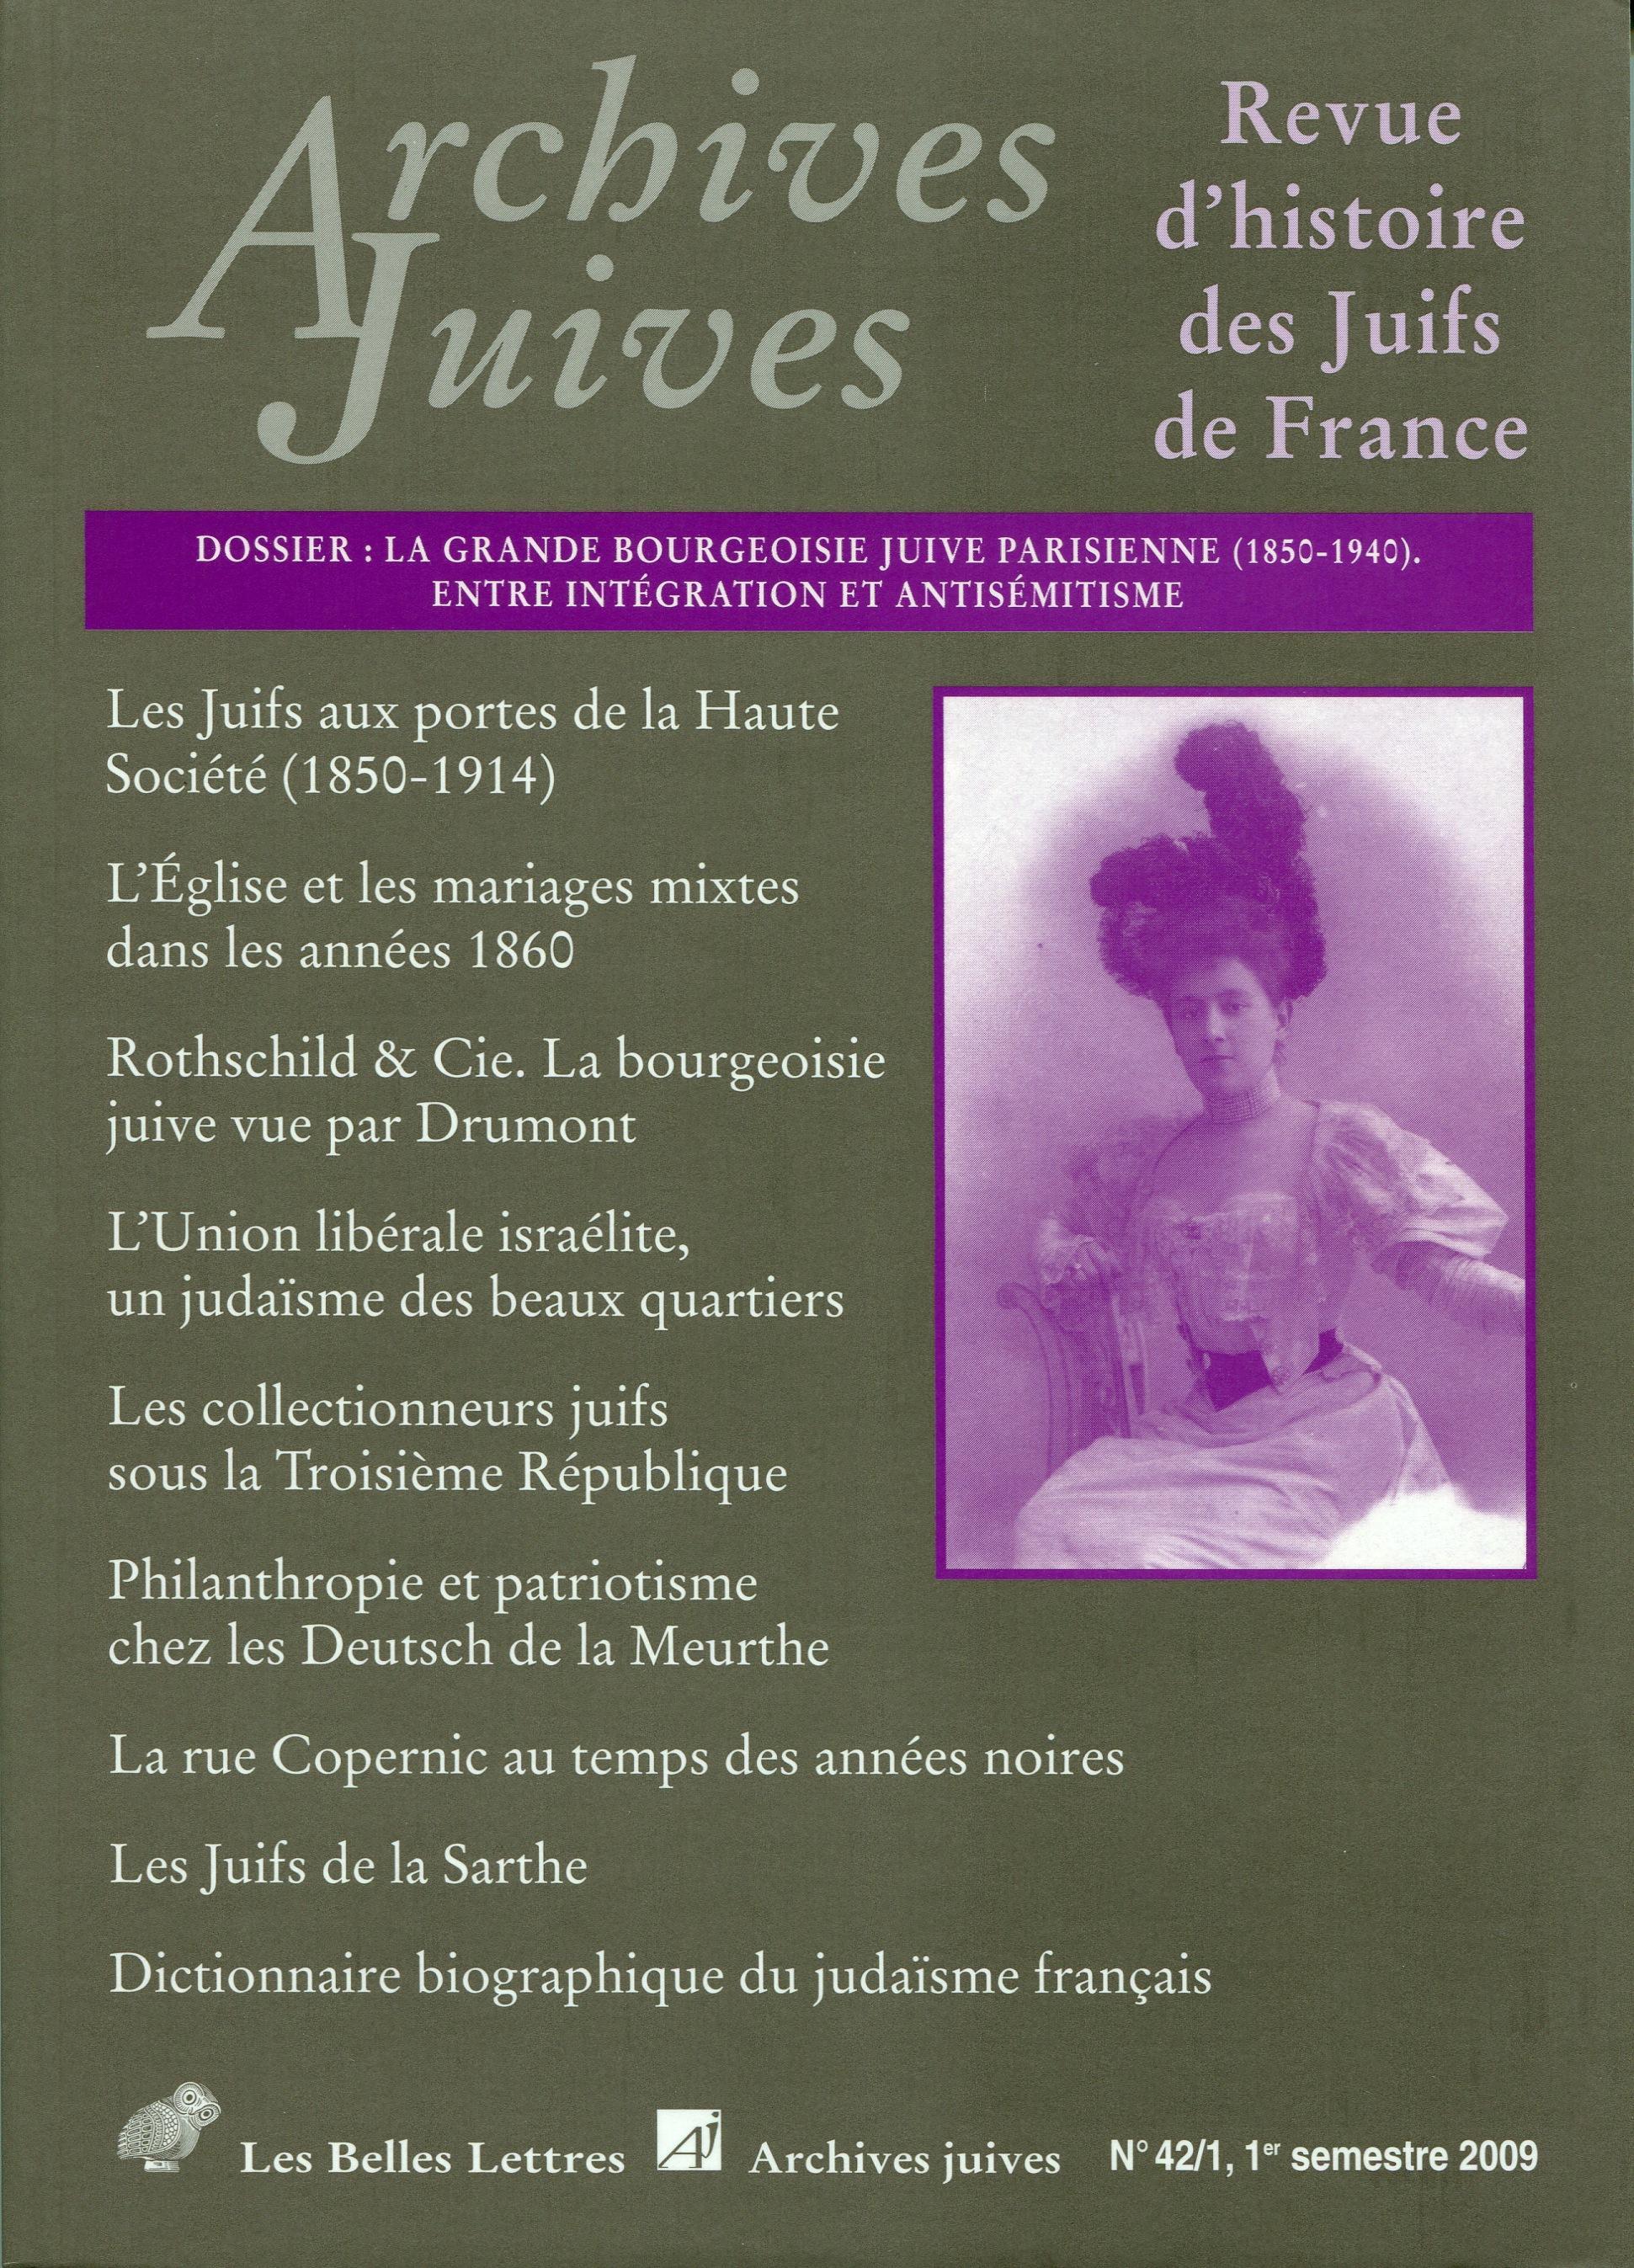 461fa2daff0 Les collectionneurs juifs parisiens sous la Troisième République  (1870-1940)